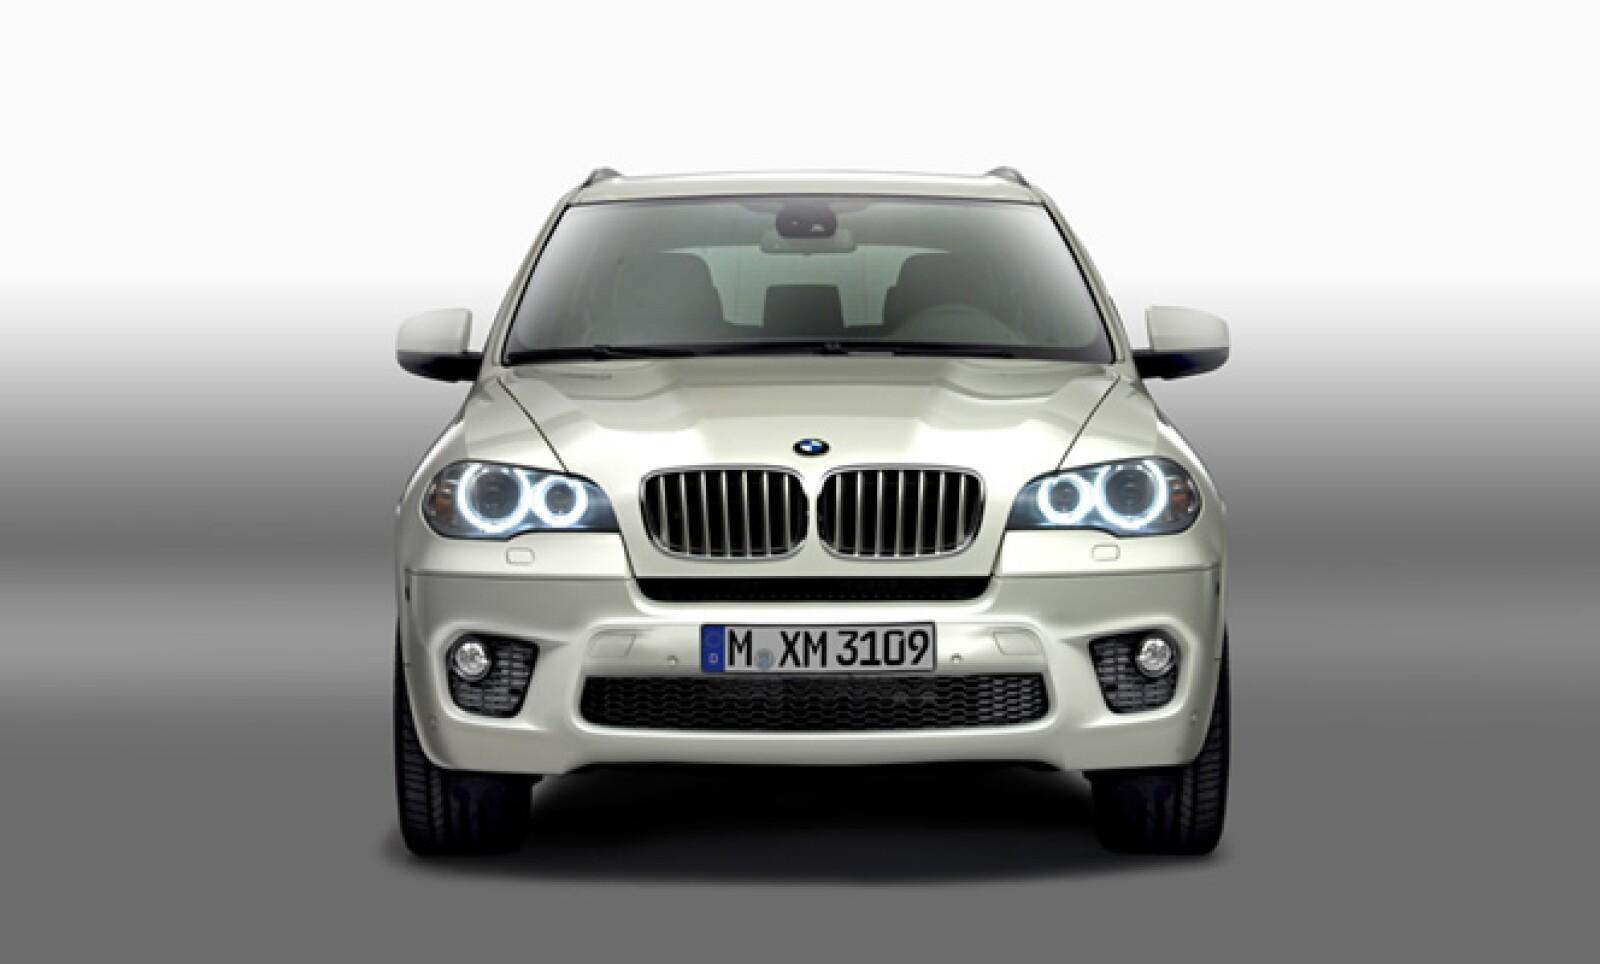 Gracias a BMW EfficientDynamics, todas las variantes del nuevo BMW X5 ofrecen, en cada una en su correspondiente segmento de potencia, la relación más favorable entre prestaciones y consumo de combustible.